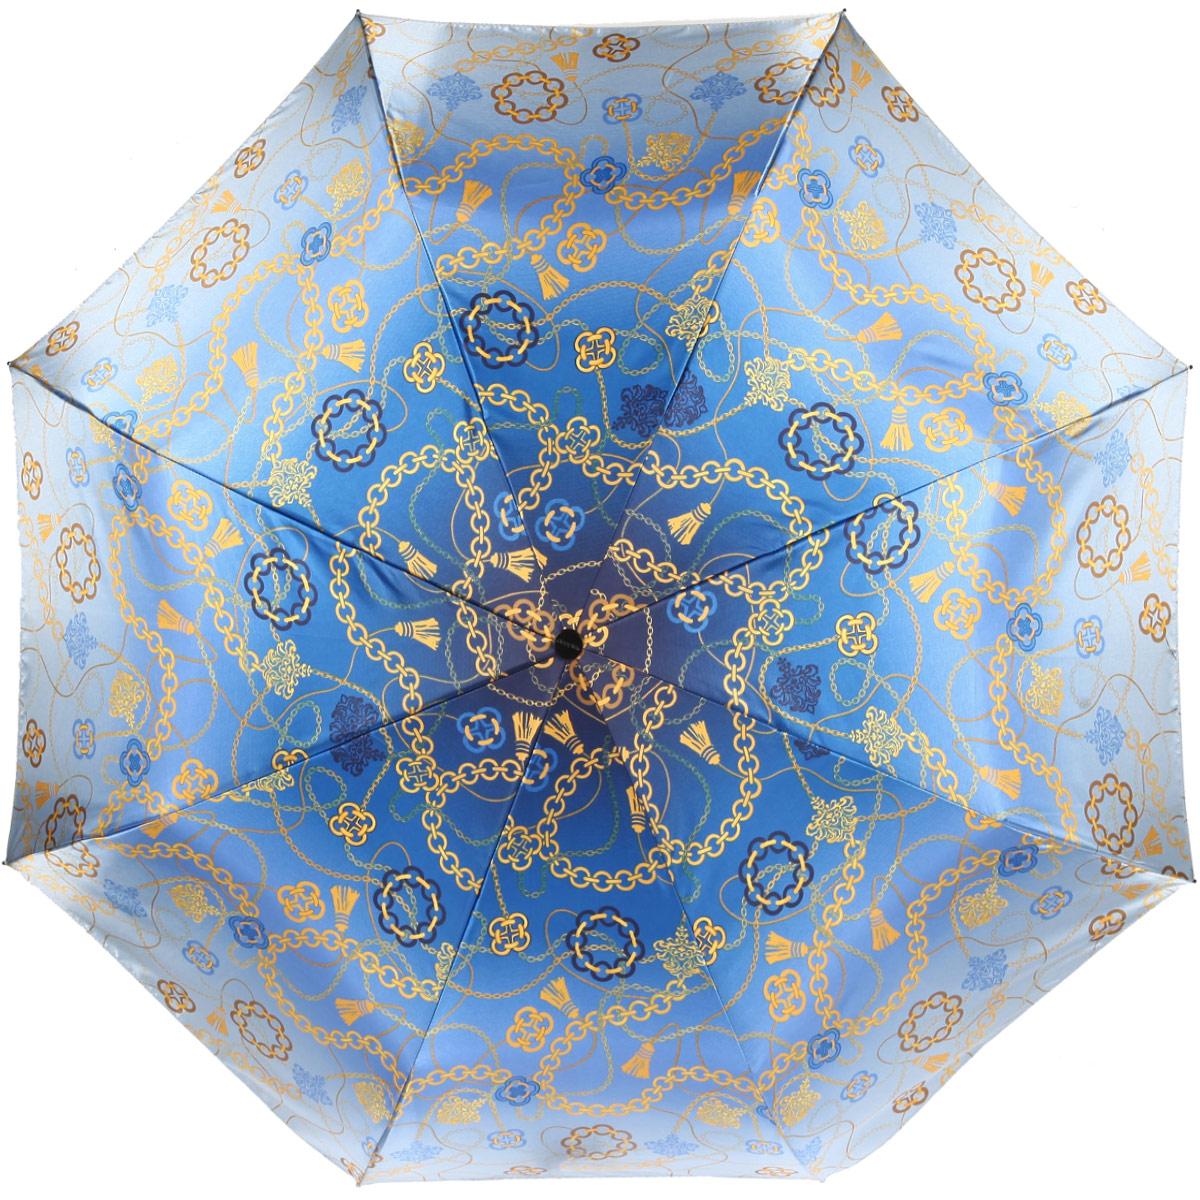 Зонт женский Doppler Carbon Chain, автомат, 3 сложения, цвет: синий, золотой. 74660FGC74660FGC_blueЖенский автоматический зонт Doppler Carbon Chain в три сложения изготовлен из искусственного шелка, карбона и пластика. Изделие оформлено ярким абстрактным принтом. Зонт имеет полностью автоматический механизм сложения: купол открывается и закрывается нажатием кнопки на рукоятке, стержень складывается вручную до характерного щелчка, благодаря чему открыть и закрыть зонт можно одной рукой, что чрезвычайно удобно при входе в транспорт или помещение. Каркас зонта снабжен системой Двойной антиветер и состоит из восьми надежных спиц. Купол изделия выполнен из прочного искусственного шелка. Рукоятка, разработанная с учетом требований эргономики, выполнена из приятного на ощупь пластика. На рукоятке для удобства есть небольшой шнурок, позволяющий надеть зонт на руку тогда, когда это будет необходимо. К зонту прилагается чехол, который оформлен символикой бренда. Такой зонт не только надежно защитит вас от дождя, но и станет стильным аксессуаром, который идеально подчеркнет...